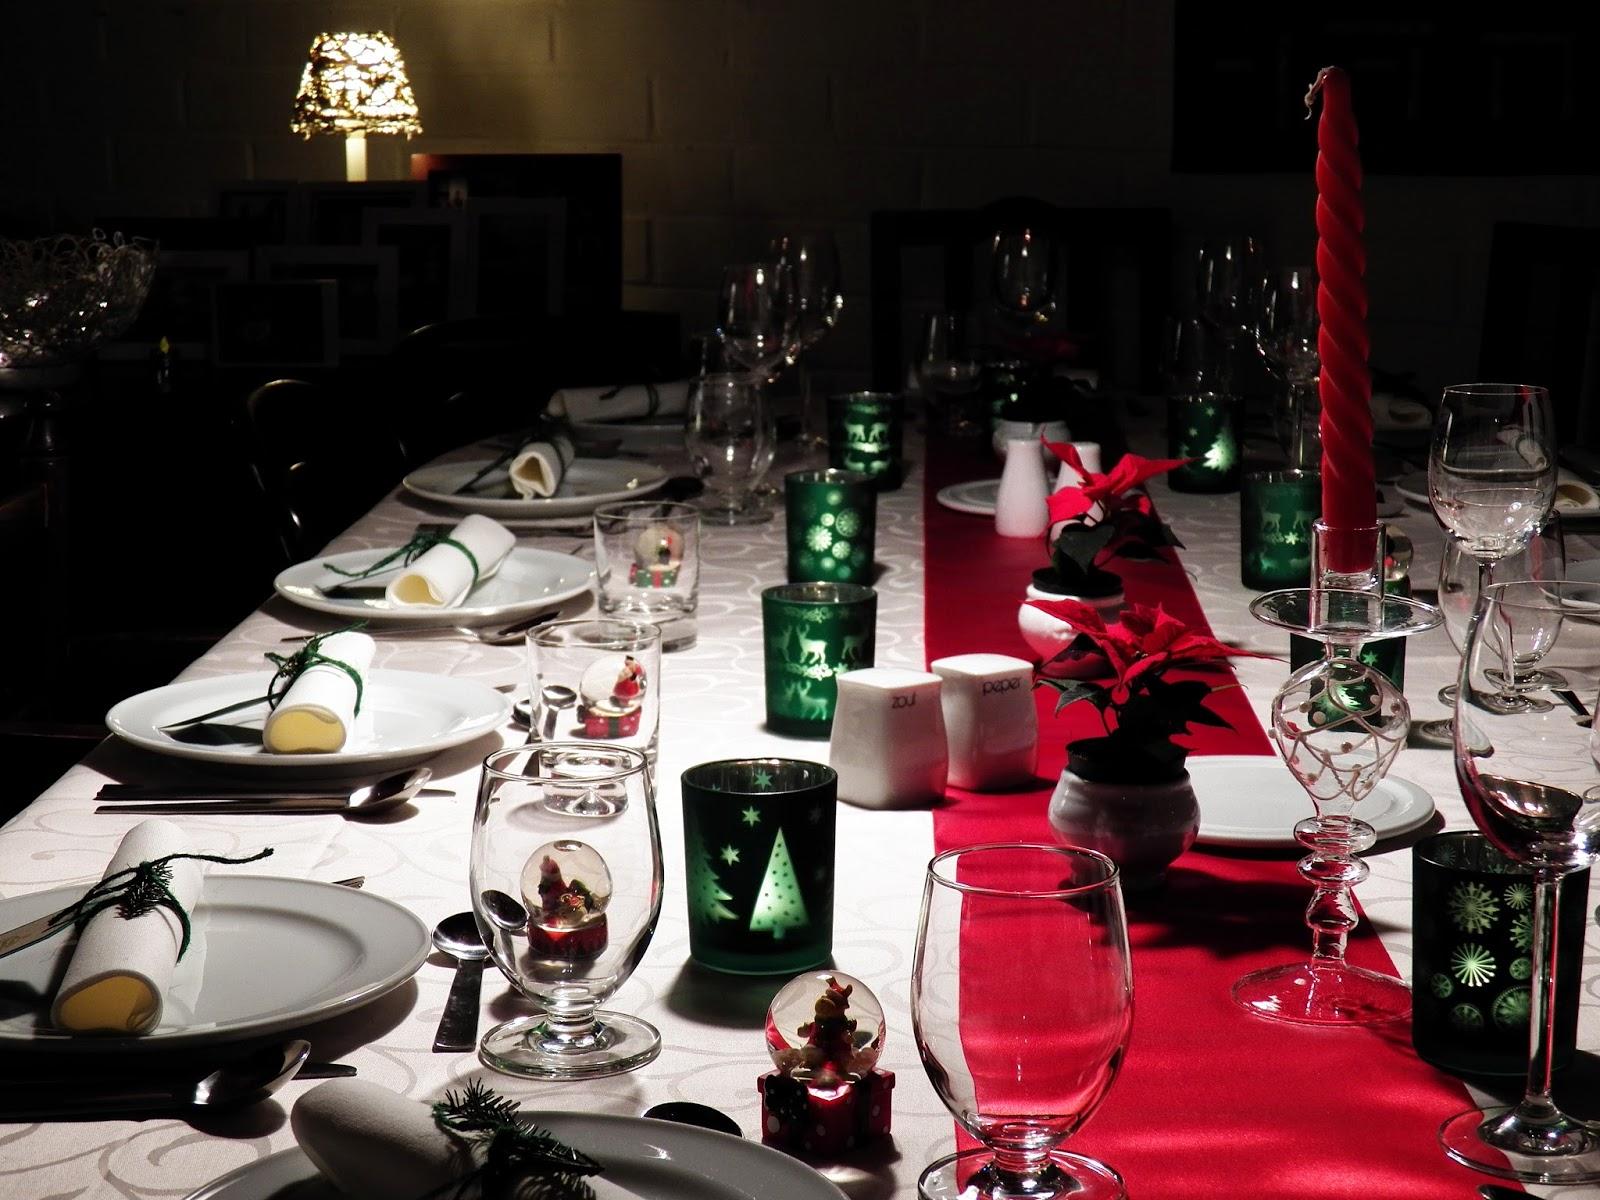 Feestdagen Kersttafel Aankleden : Creaymme: kersttafel in rood en groen